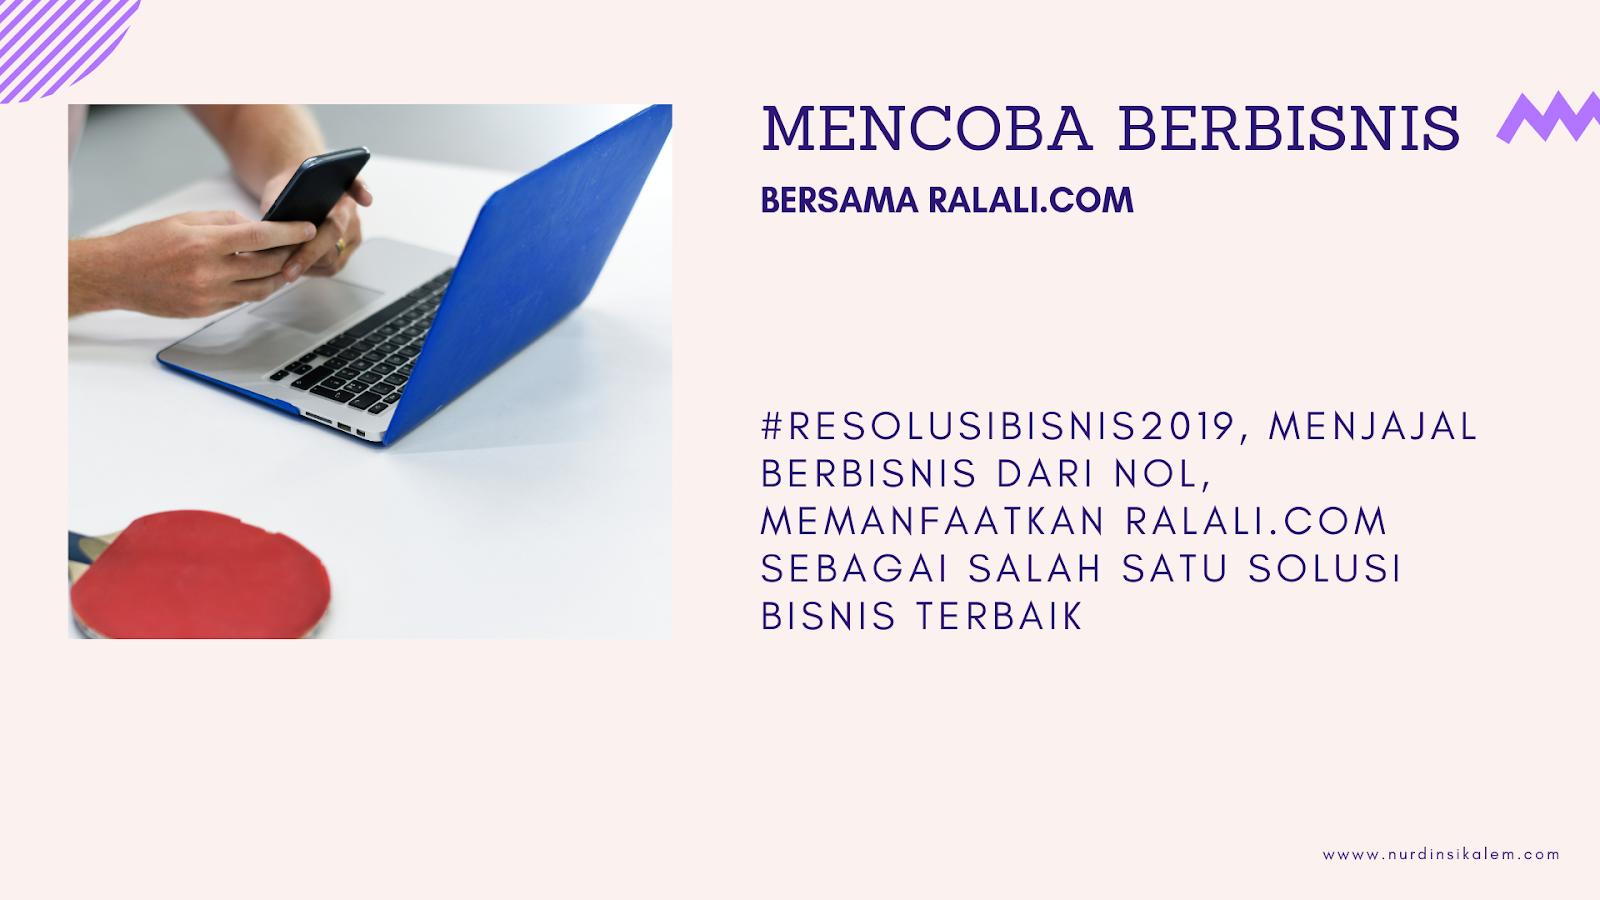 Resolusi bisnis 2019 bersama Ralali.com